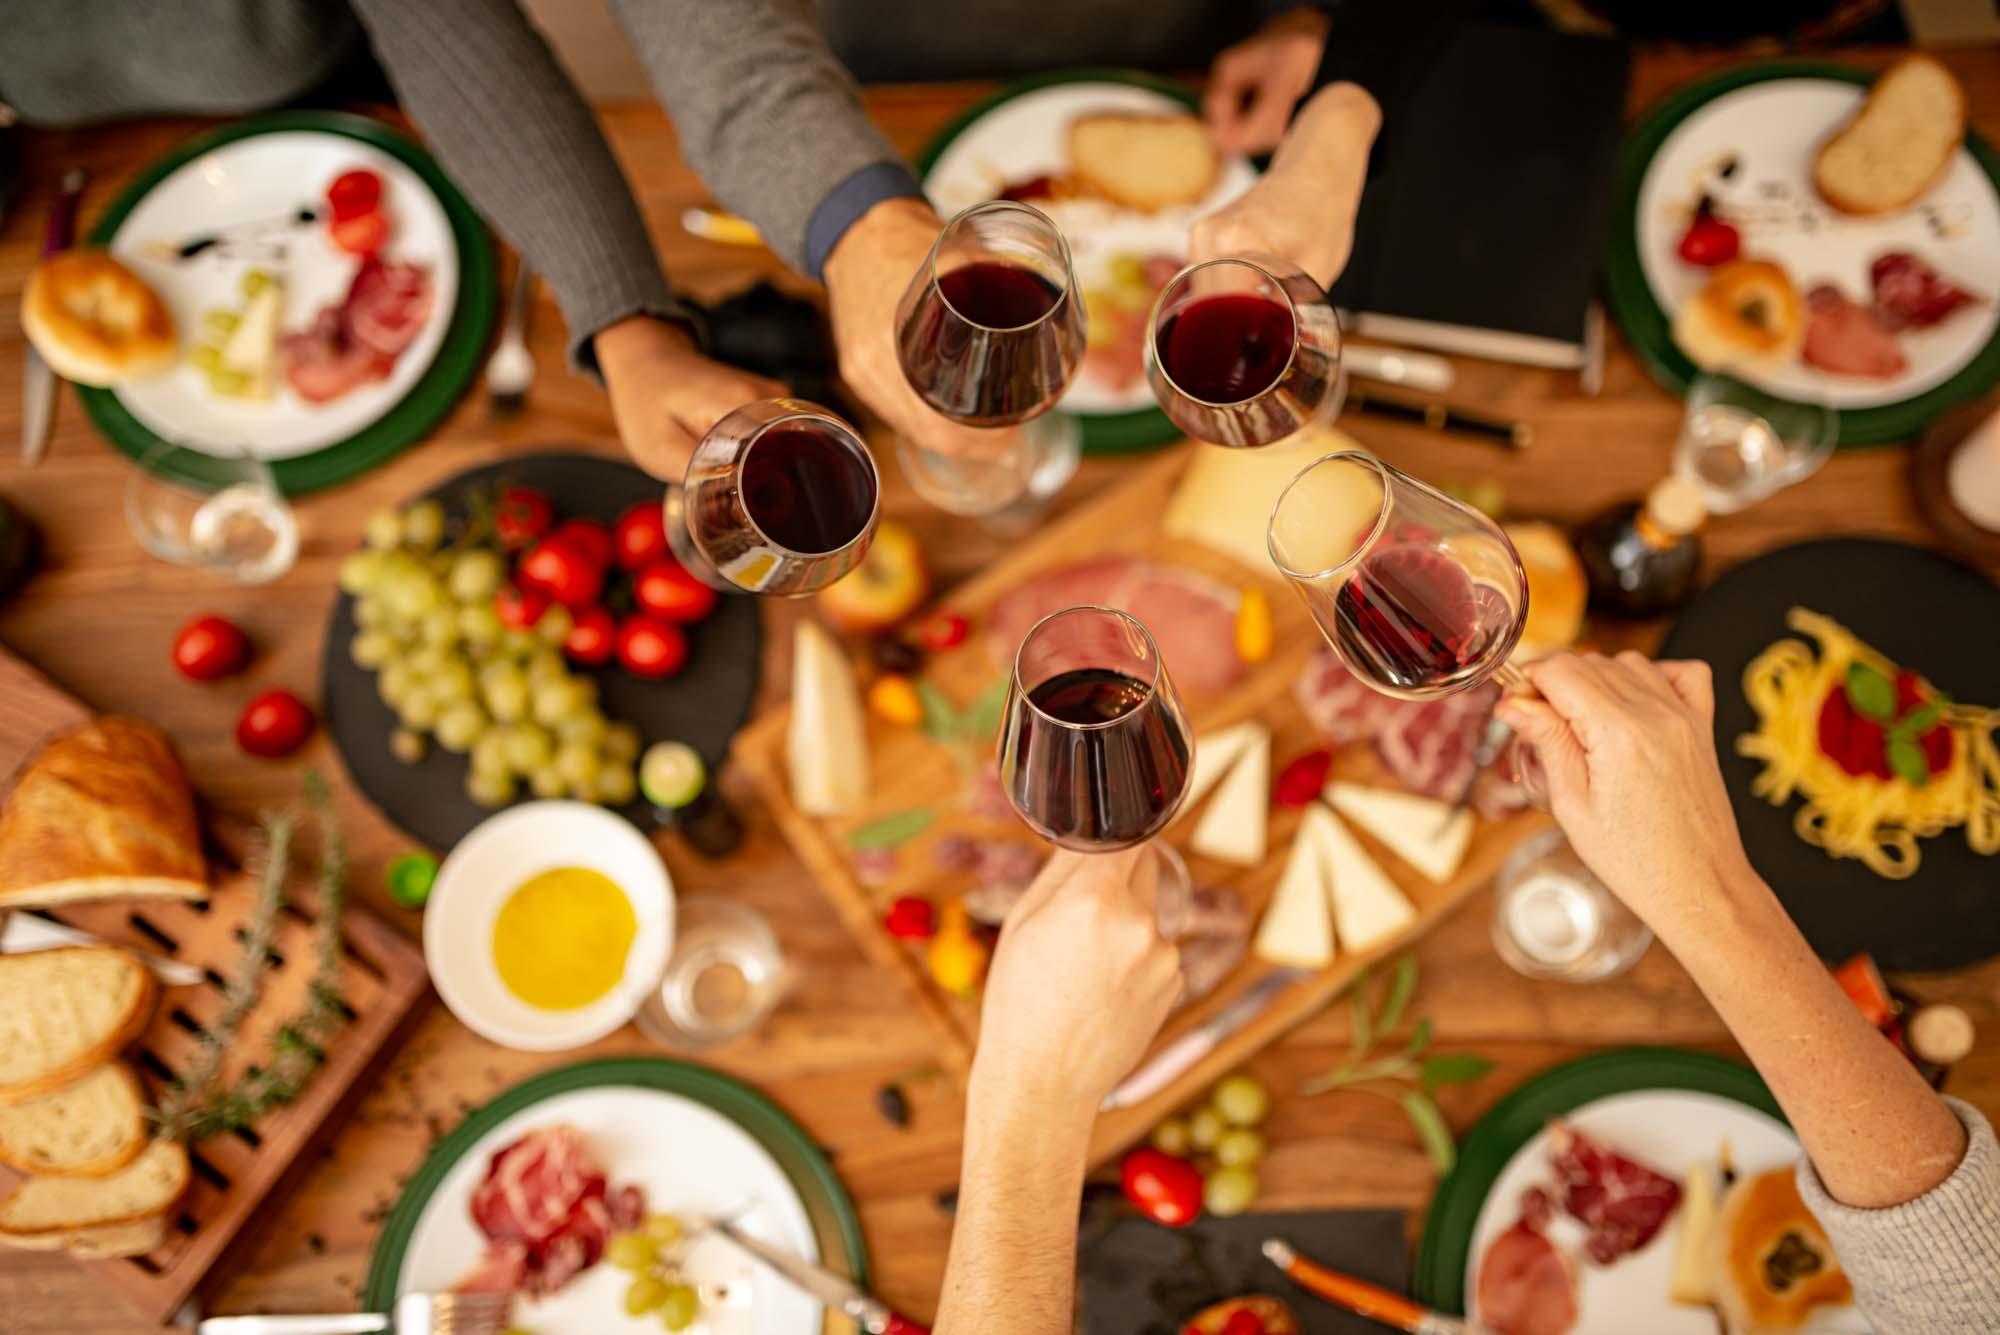 Corsi Di Cucina Formazione Manageriale a Bari